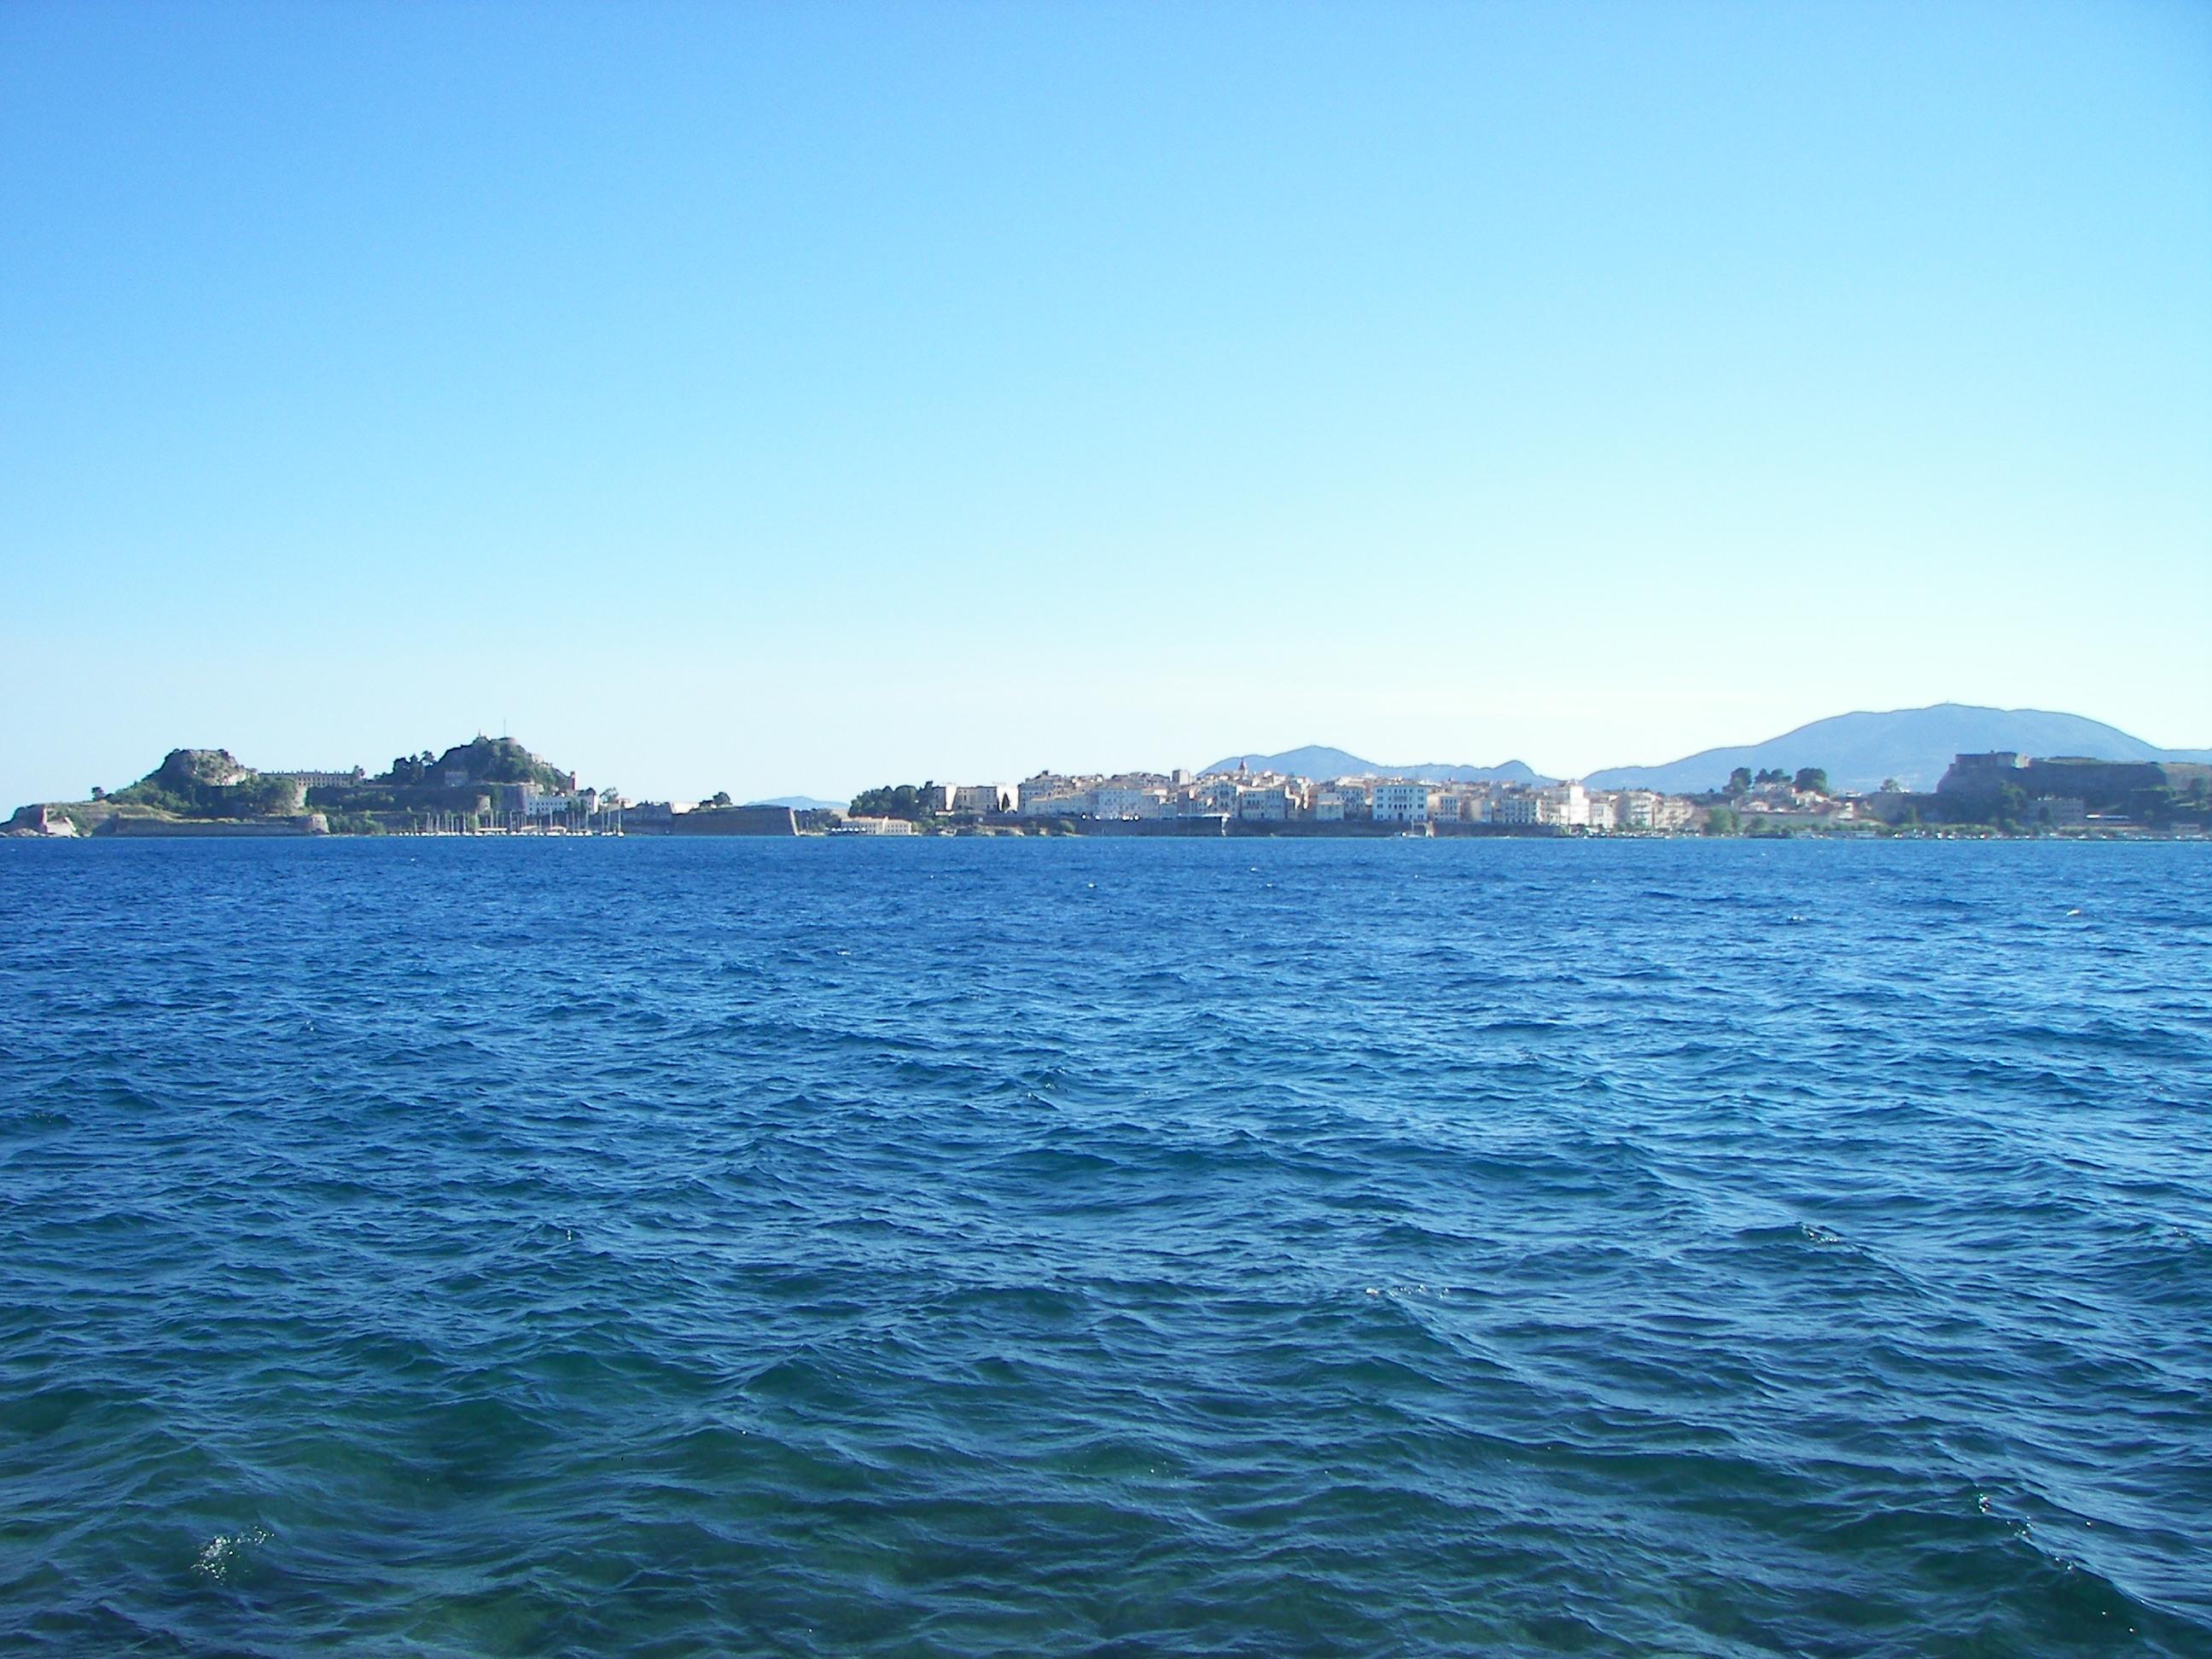 خلفيات وصور بحار احلي صور عن البحر hd (27)